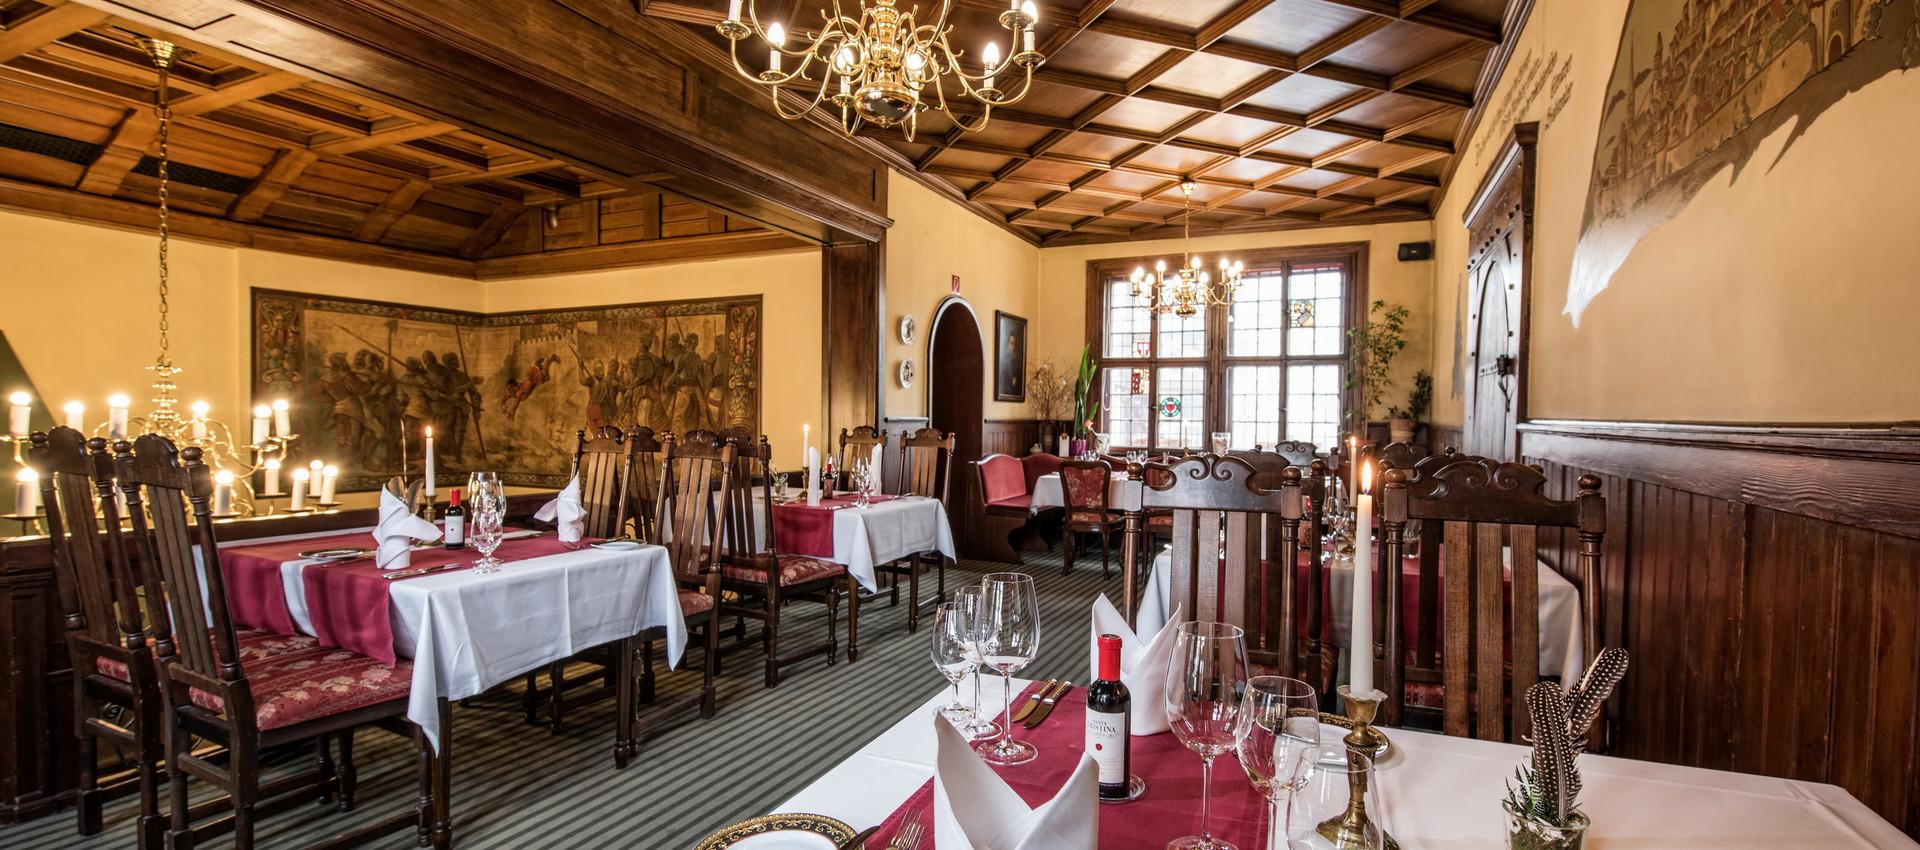 Weinrestaurant Turmschänke - Lokalfinder